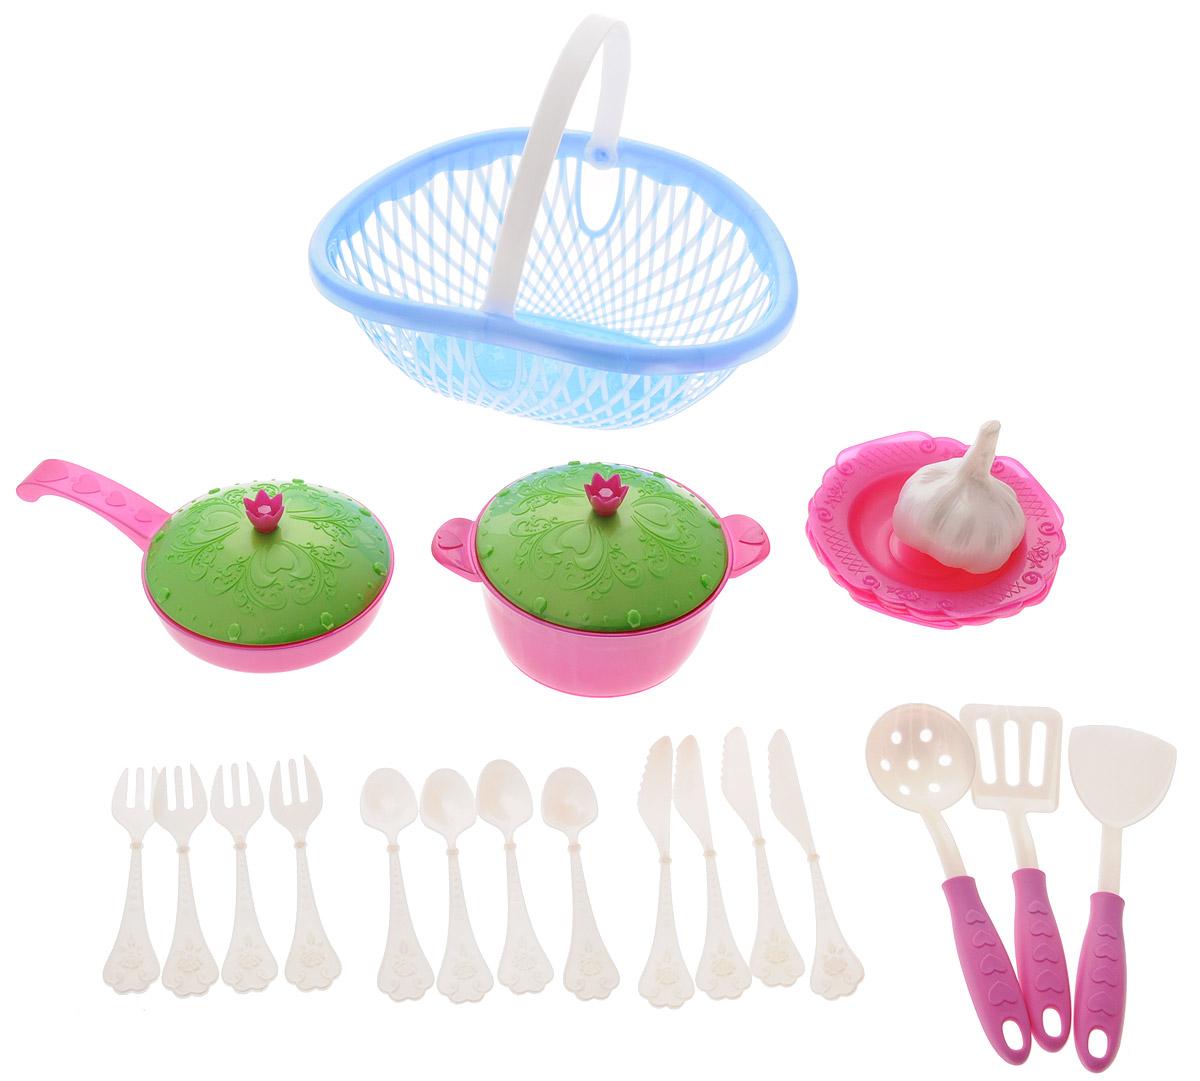 Нордпласт Игрушечный набор посуды Кухонный сервиз Волшебная хозяюшка цвет фуксия голубой зеленыйН-626_сиреневый, голубойИгрушечный набор посуды Нордпласт Кухонный сервиз. Волшебная хозяюшка - это кухонные принадлежности, которые дополнят и разнообразят игры ребенка. С таким набором все игрушки всегда будут сыты, а резные тарелочки и крышечки приведут в восторг любую маленькую хозяюшку. С набором посуды малышка сможет устроить вкусный обед для себя и своих игрушек. Все предметы изготовлены из безопасного для ребенка материала. Предметы поставляются в практичном лукошке с удобной ручкой для переноски. В наборе 23 предмета: лукошко, кастрюля с крышкой, сковорода с крышкой, 4 тарелки, 4 вилки, 4 ножа, 4 ложки, шумовка, муляж чеснока, 2 лопаточки. Игрушечный набор посуды Нордпласт Кухонный сервиз. Волшебная хозяюшка станет великолепным подарком для вашей малышки.